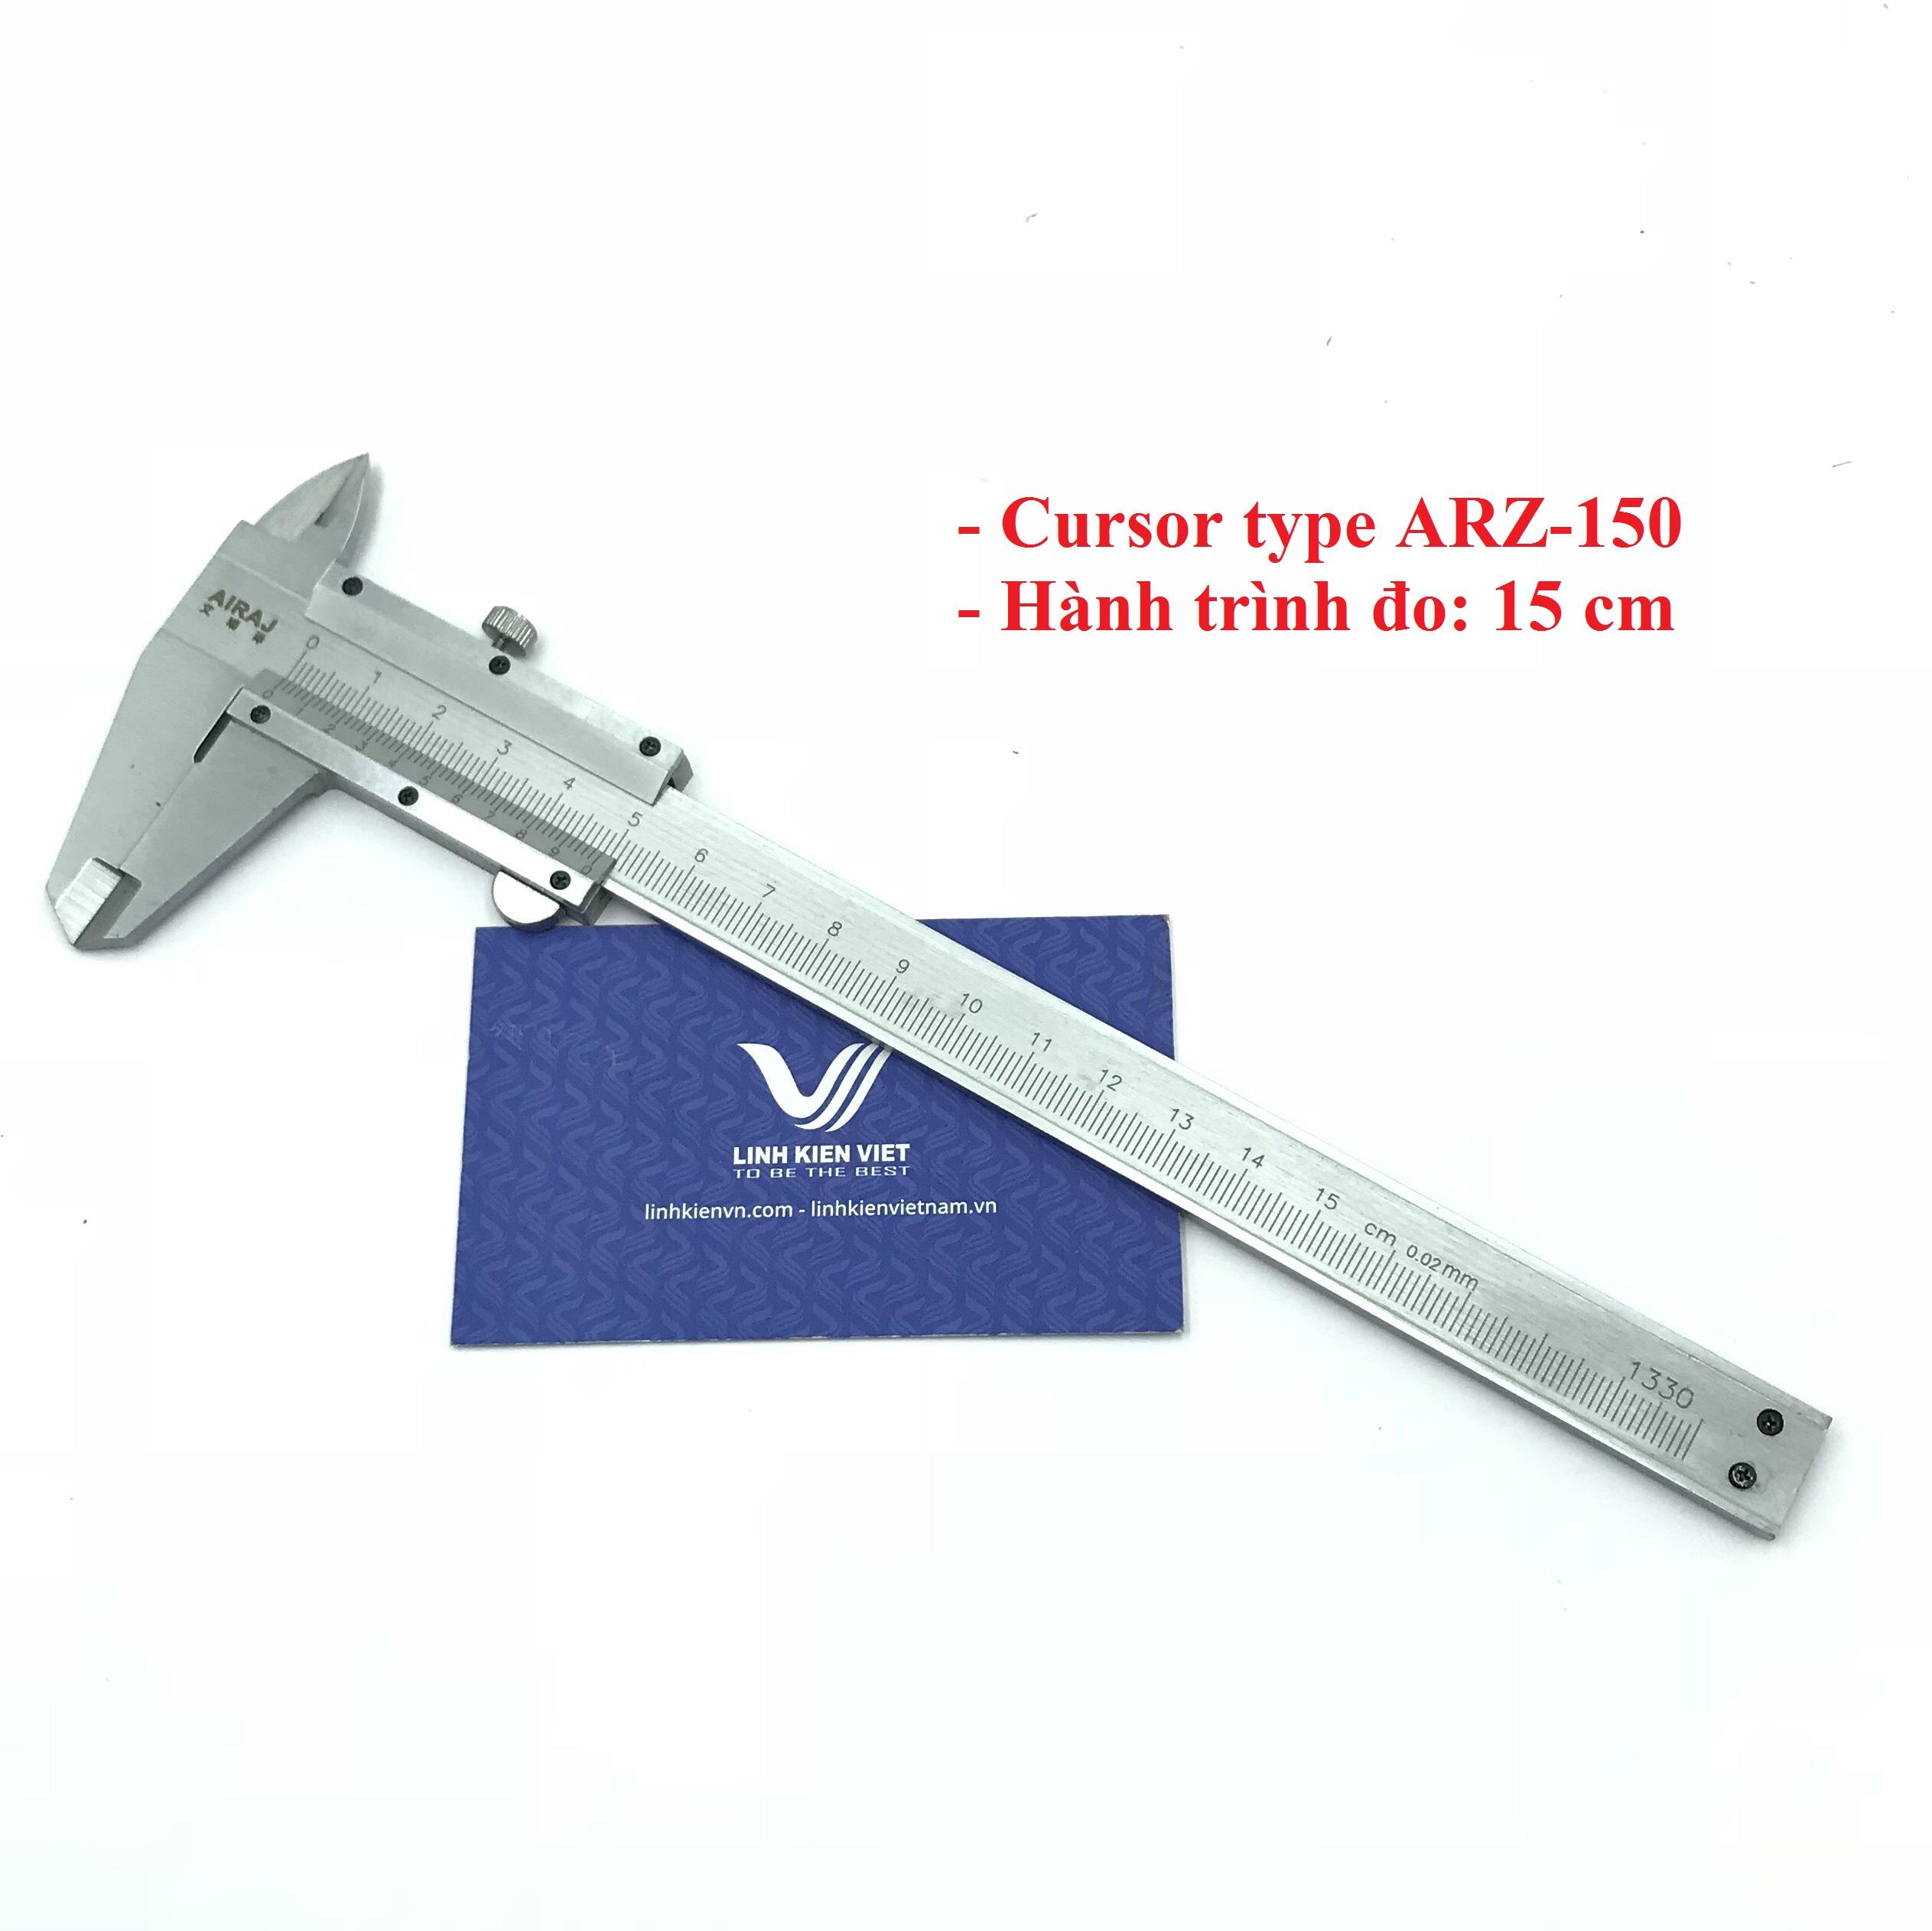 Thước Kẹp Cơ ARZ-150 15cm cursor type / Thước cặp